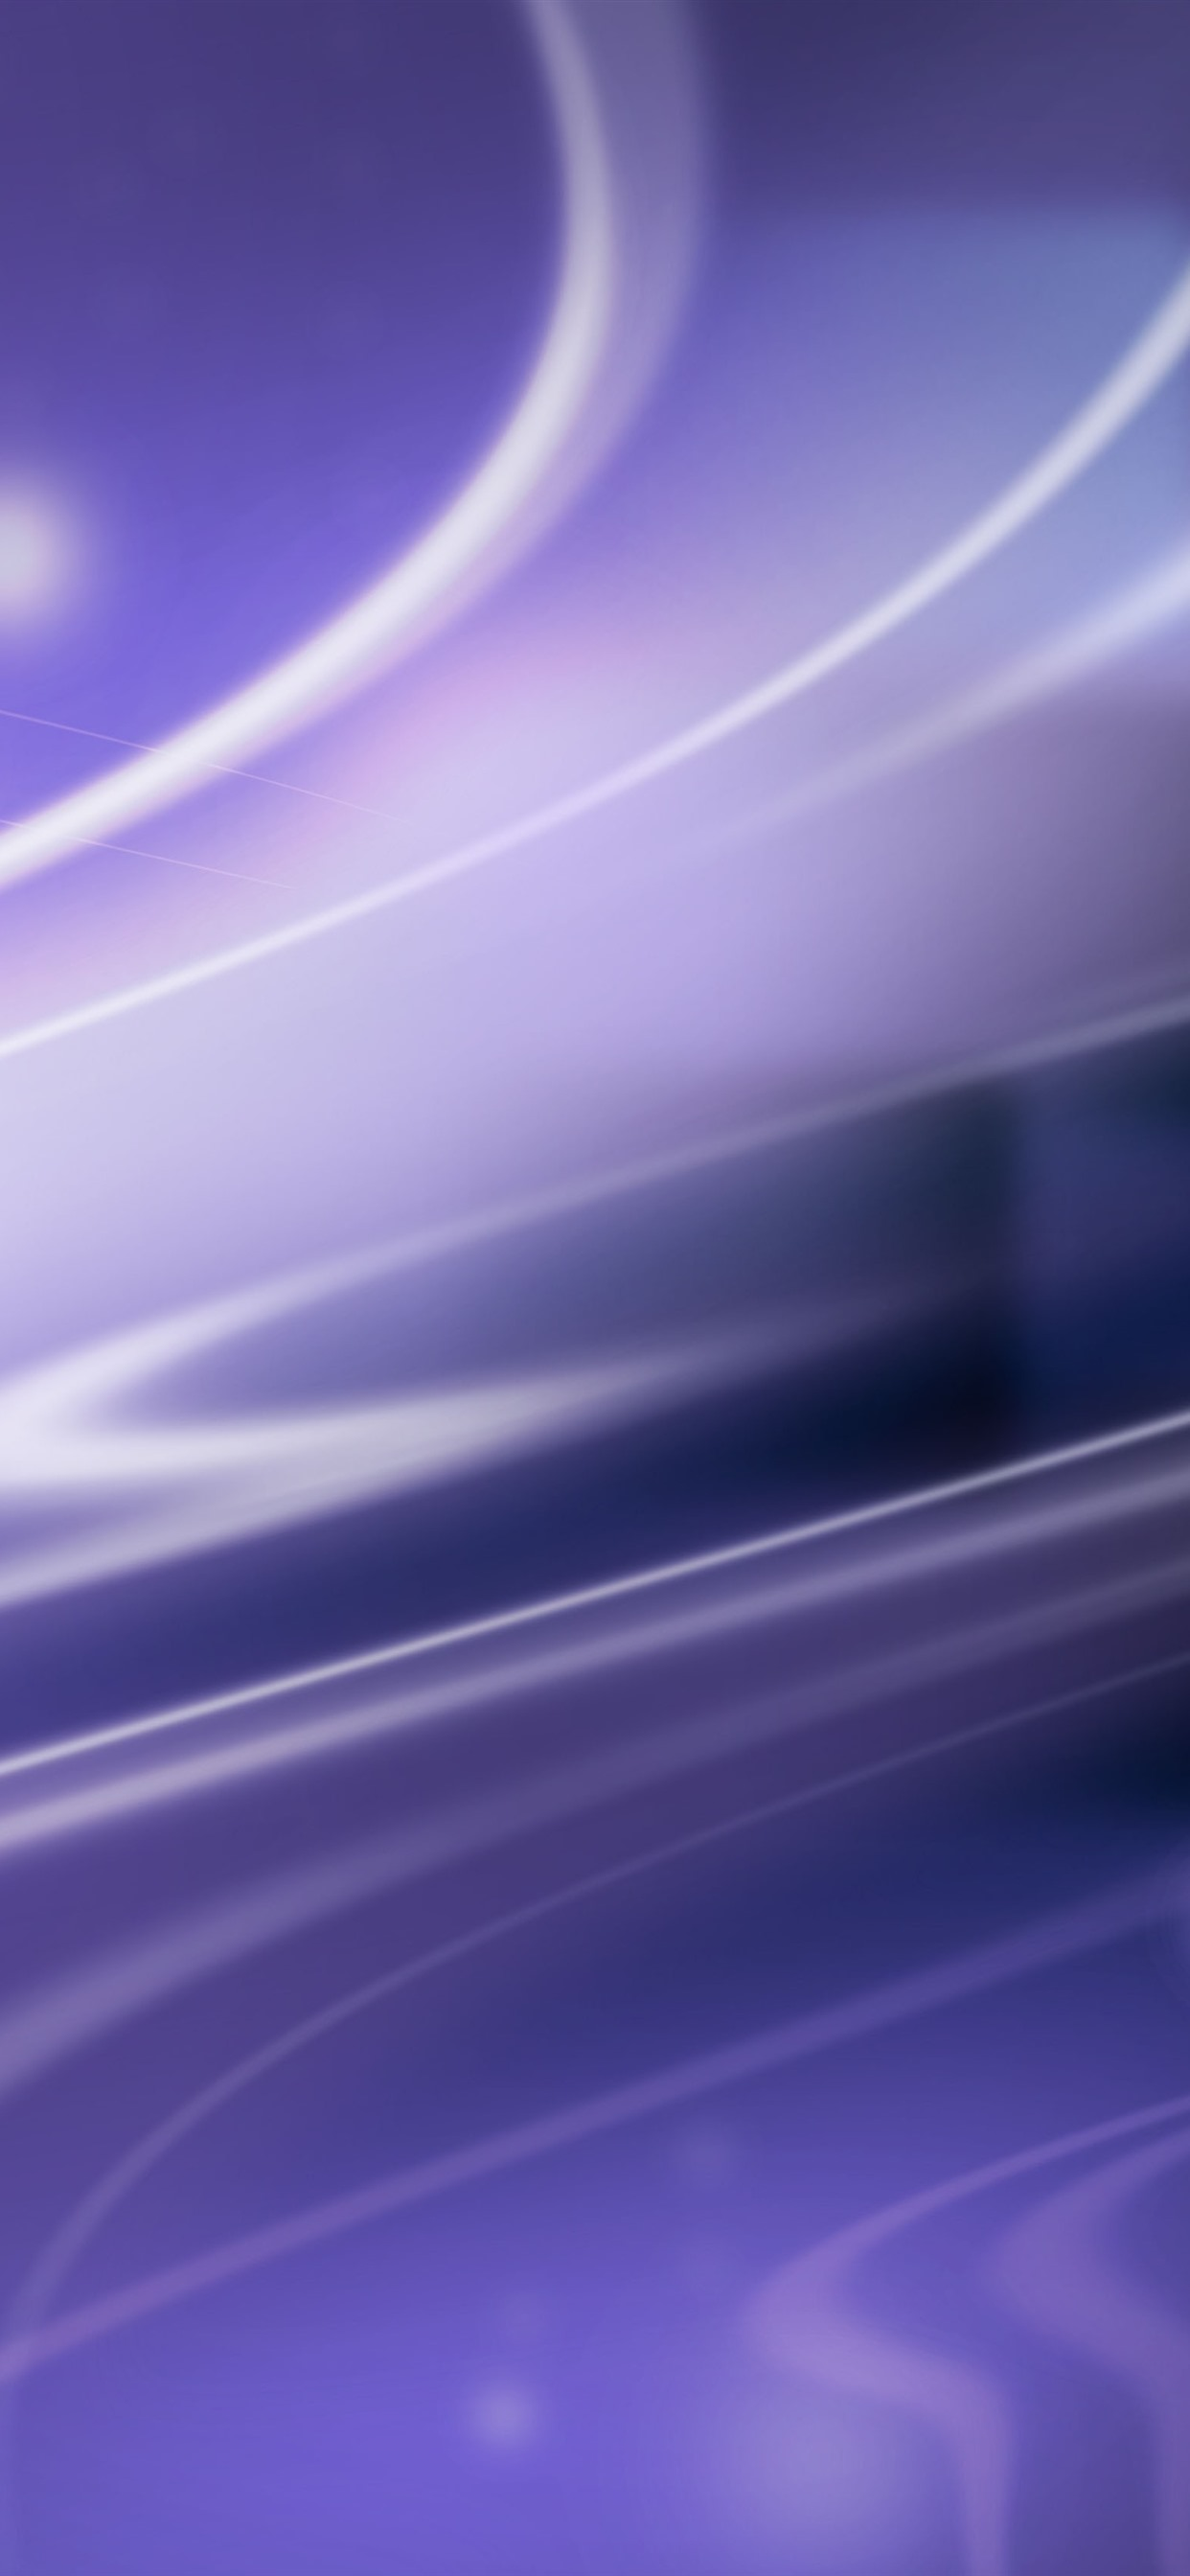 淡い紫色の曲線 線 抽象 1242x2688 Iphone 11 Pro Xs Max 壁紙 背景